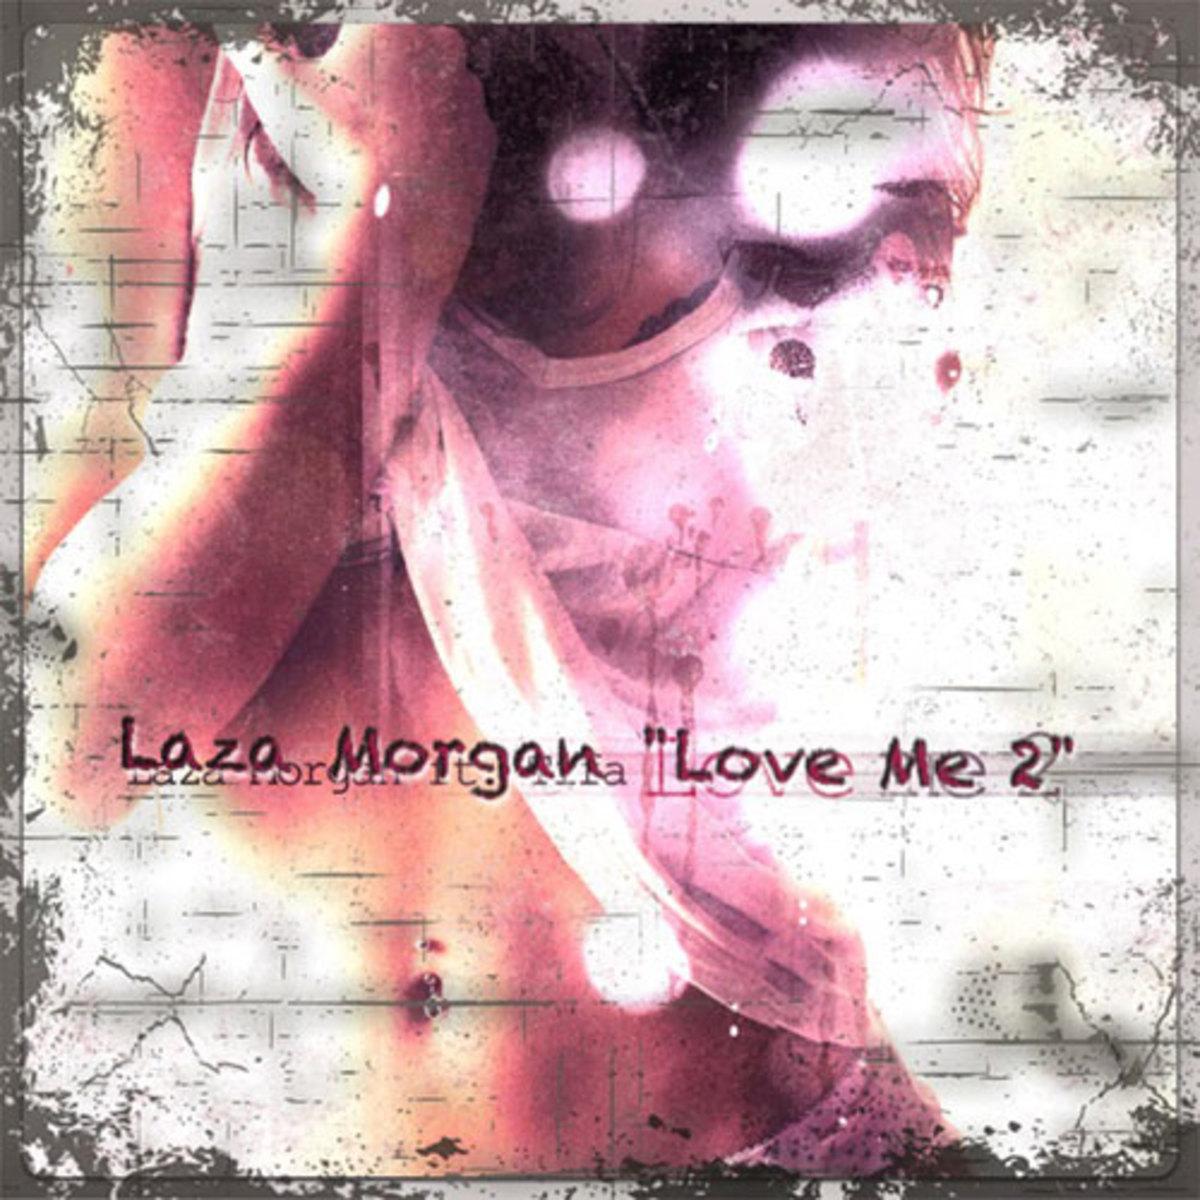 lazamorgan-loveme2.jpg